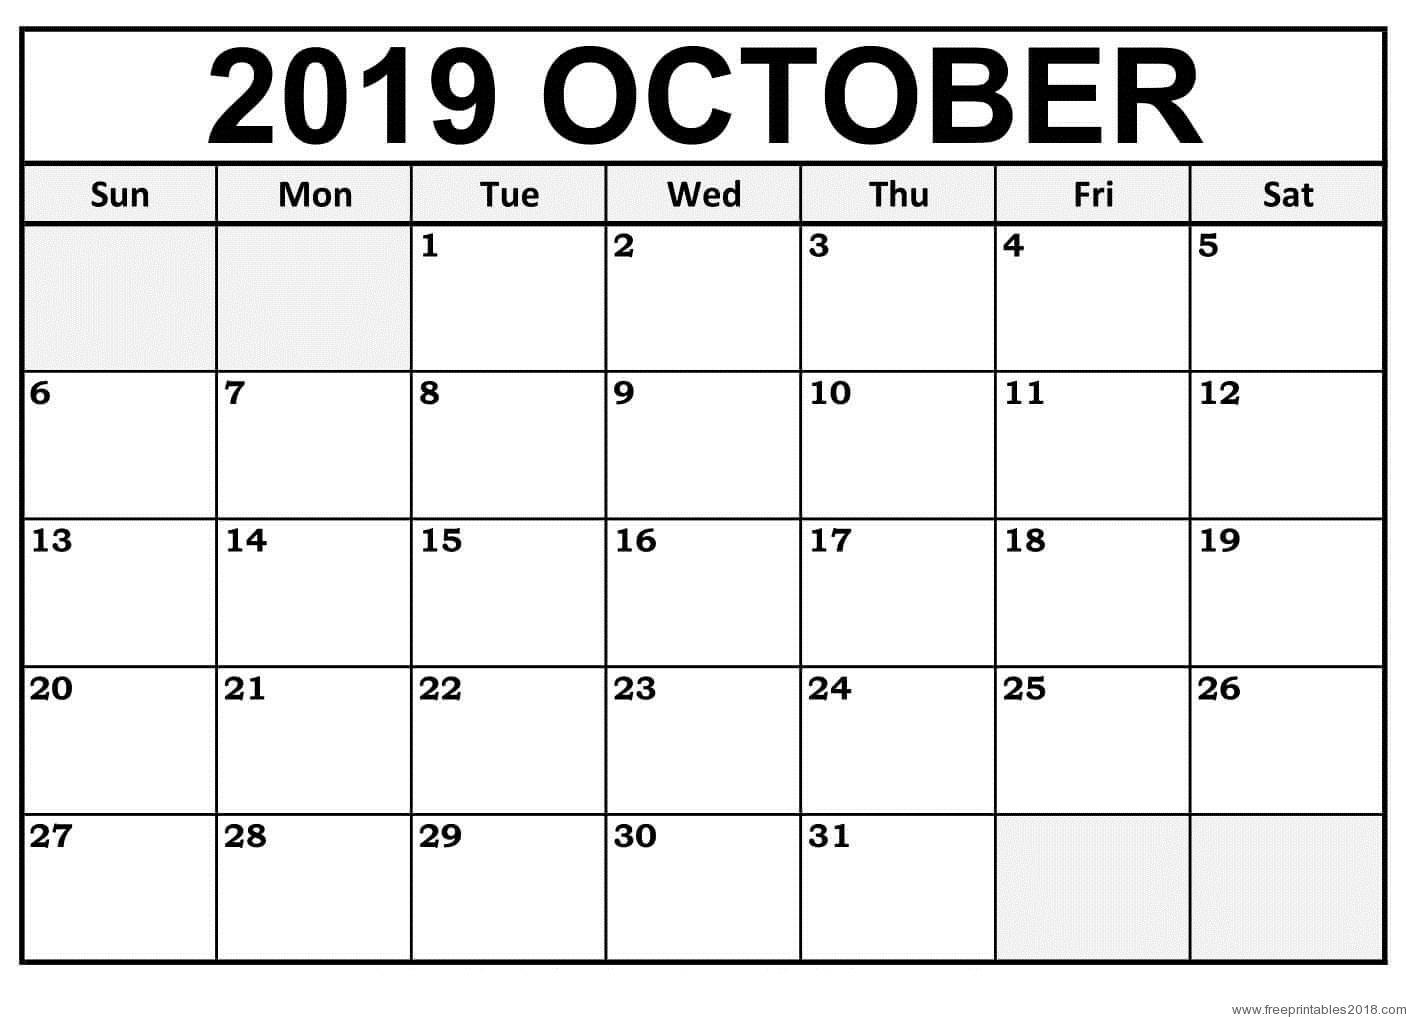 April To December Calendars Collection 2019 | Djellabar